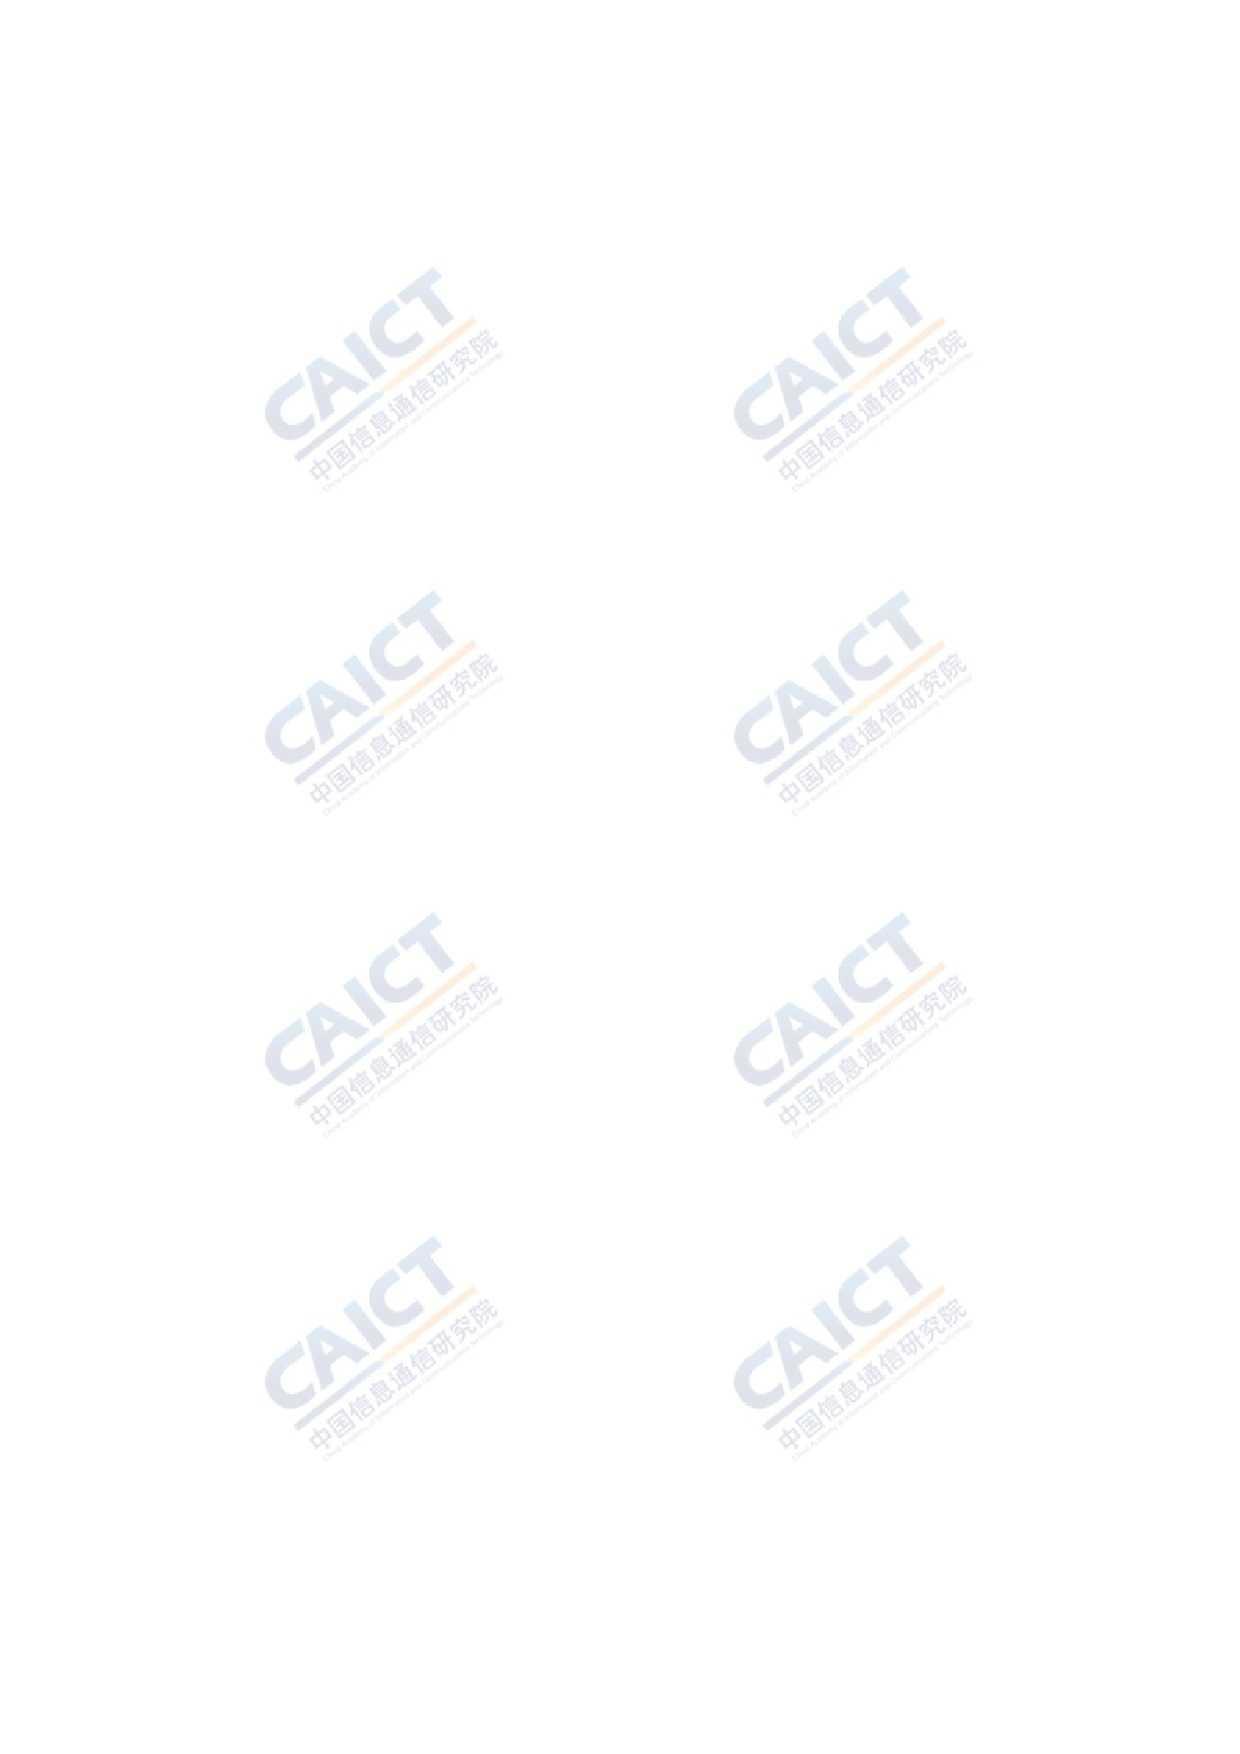 中国信息通信研究院:2015年物联网白皮书_000038